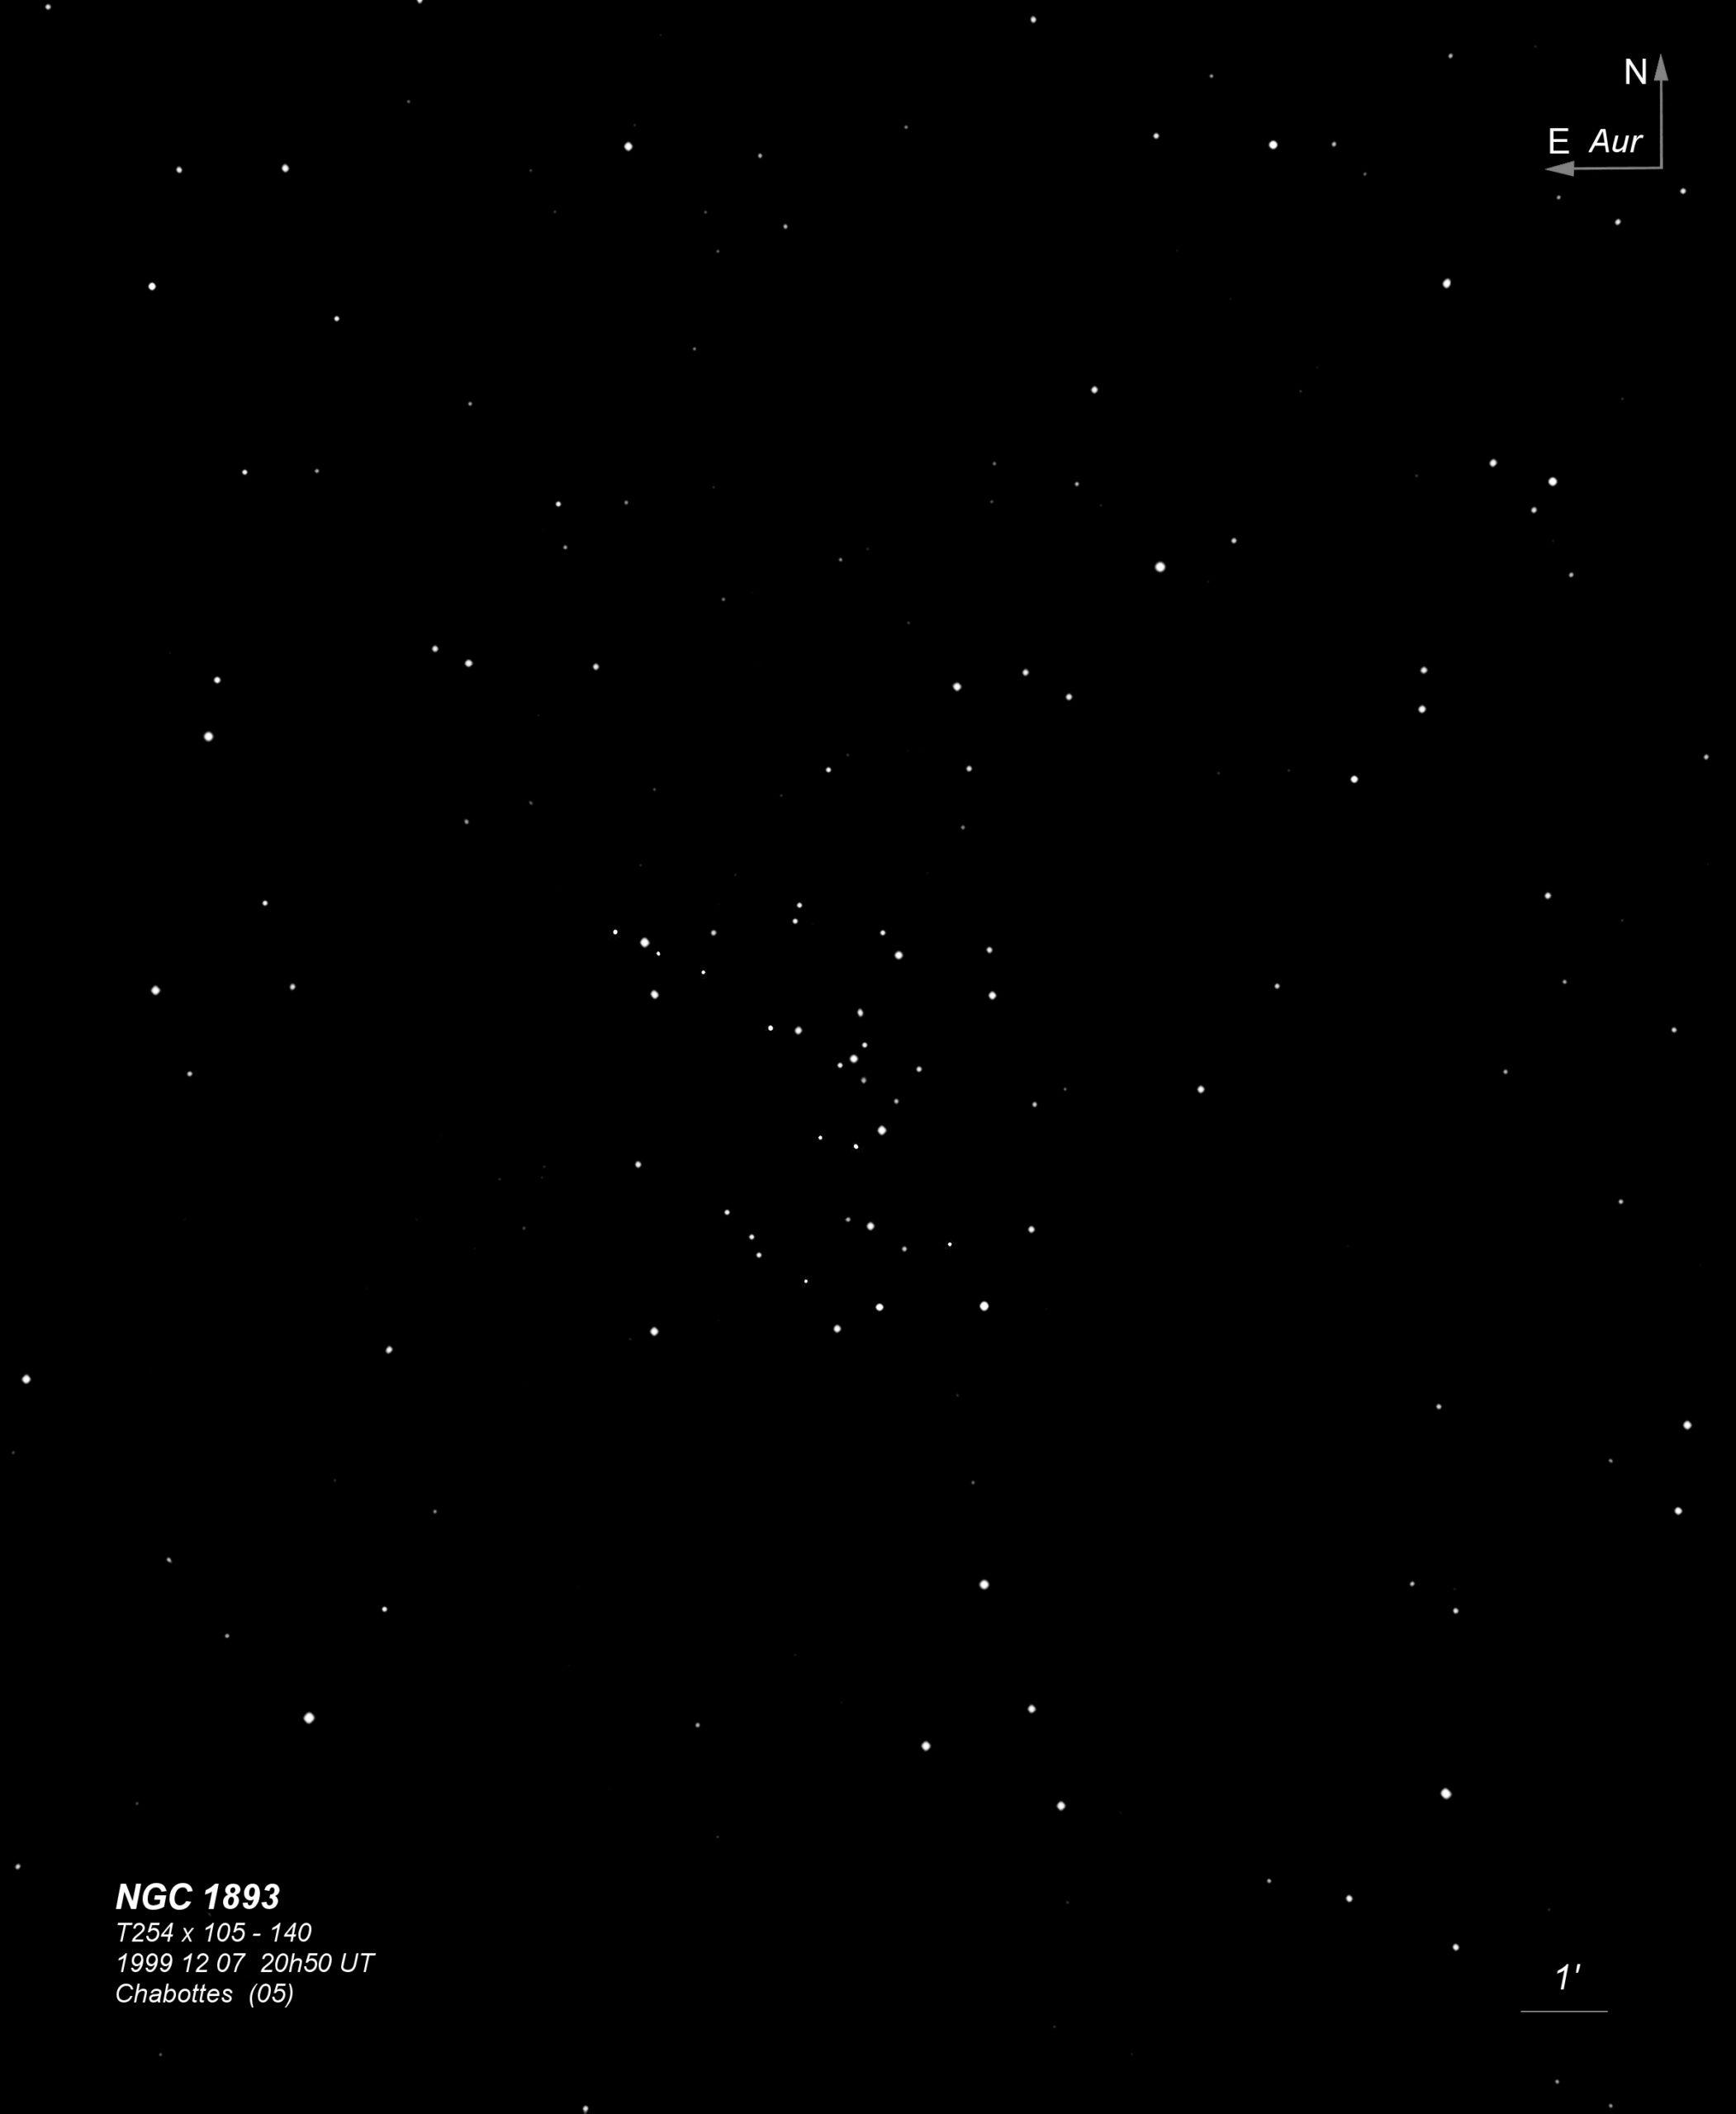 NGC 1893